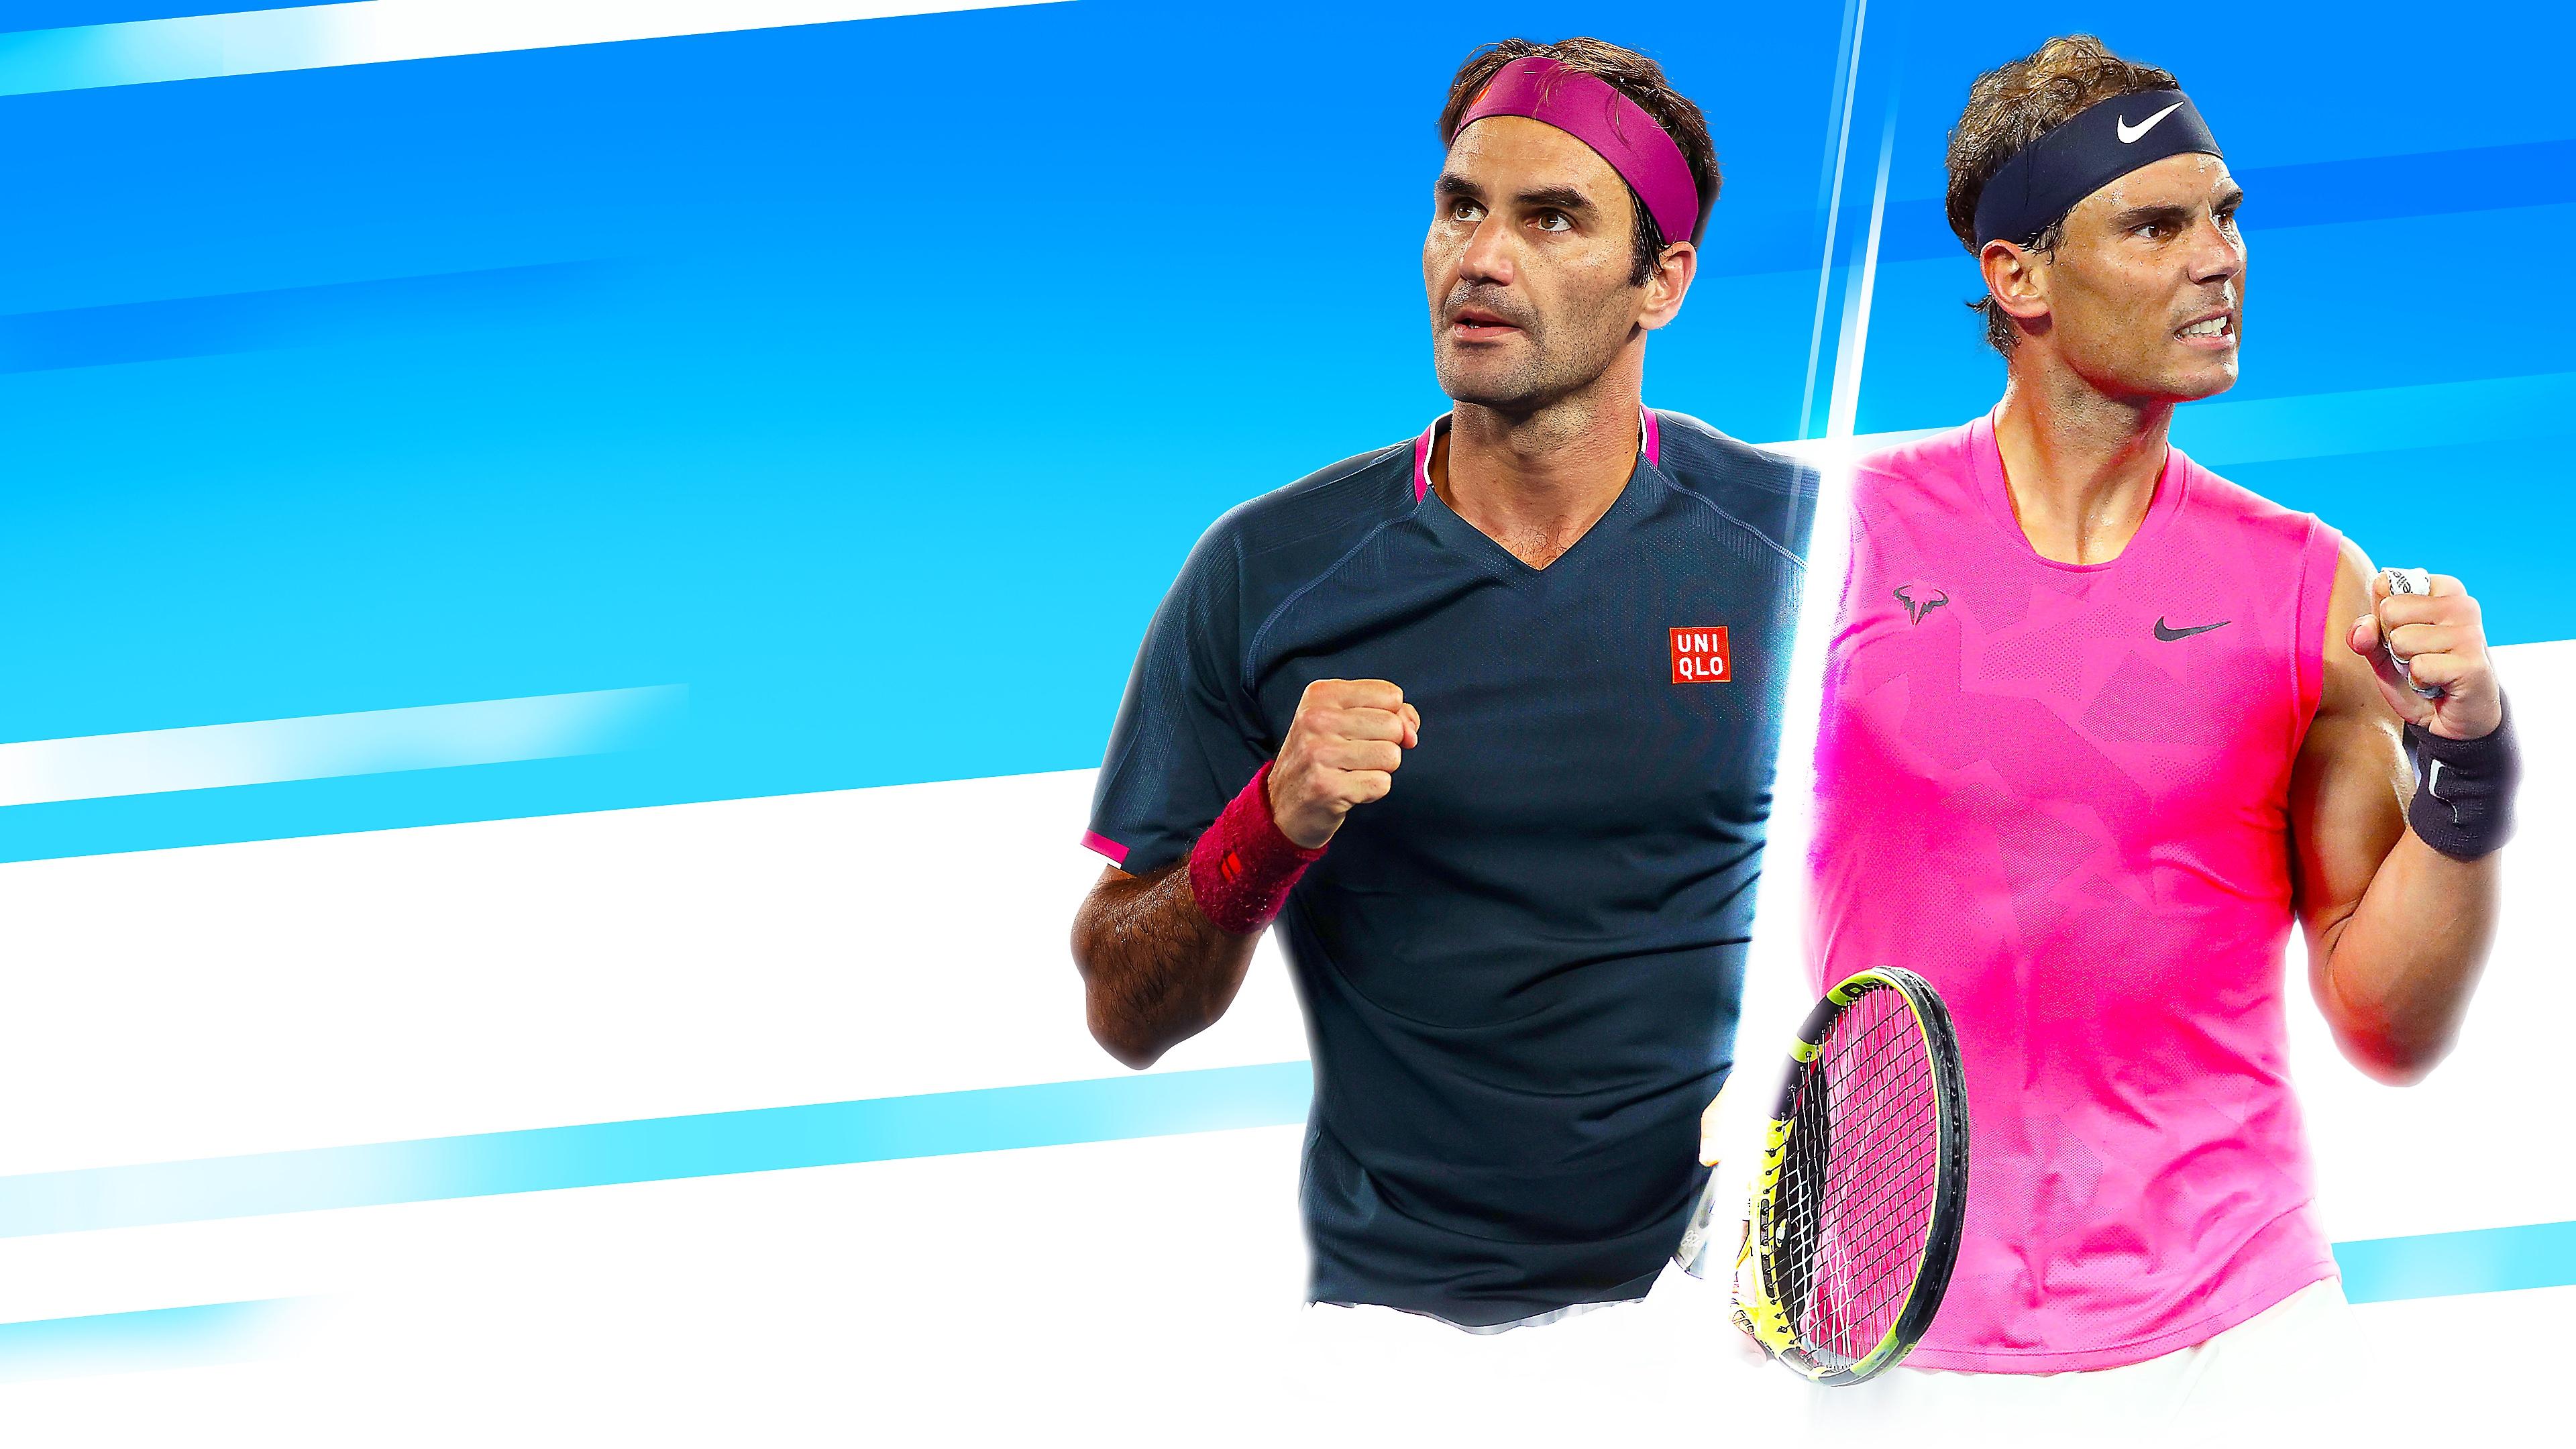 Immagine principale Tennis World Tour 2